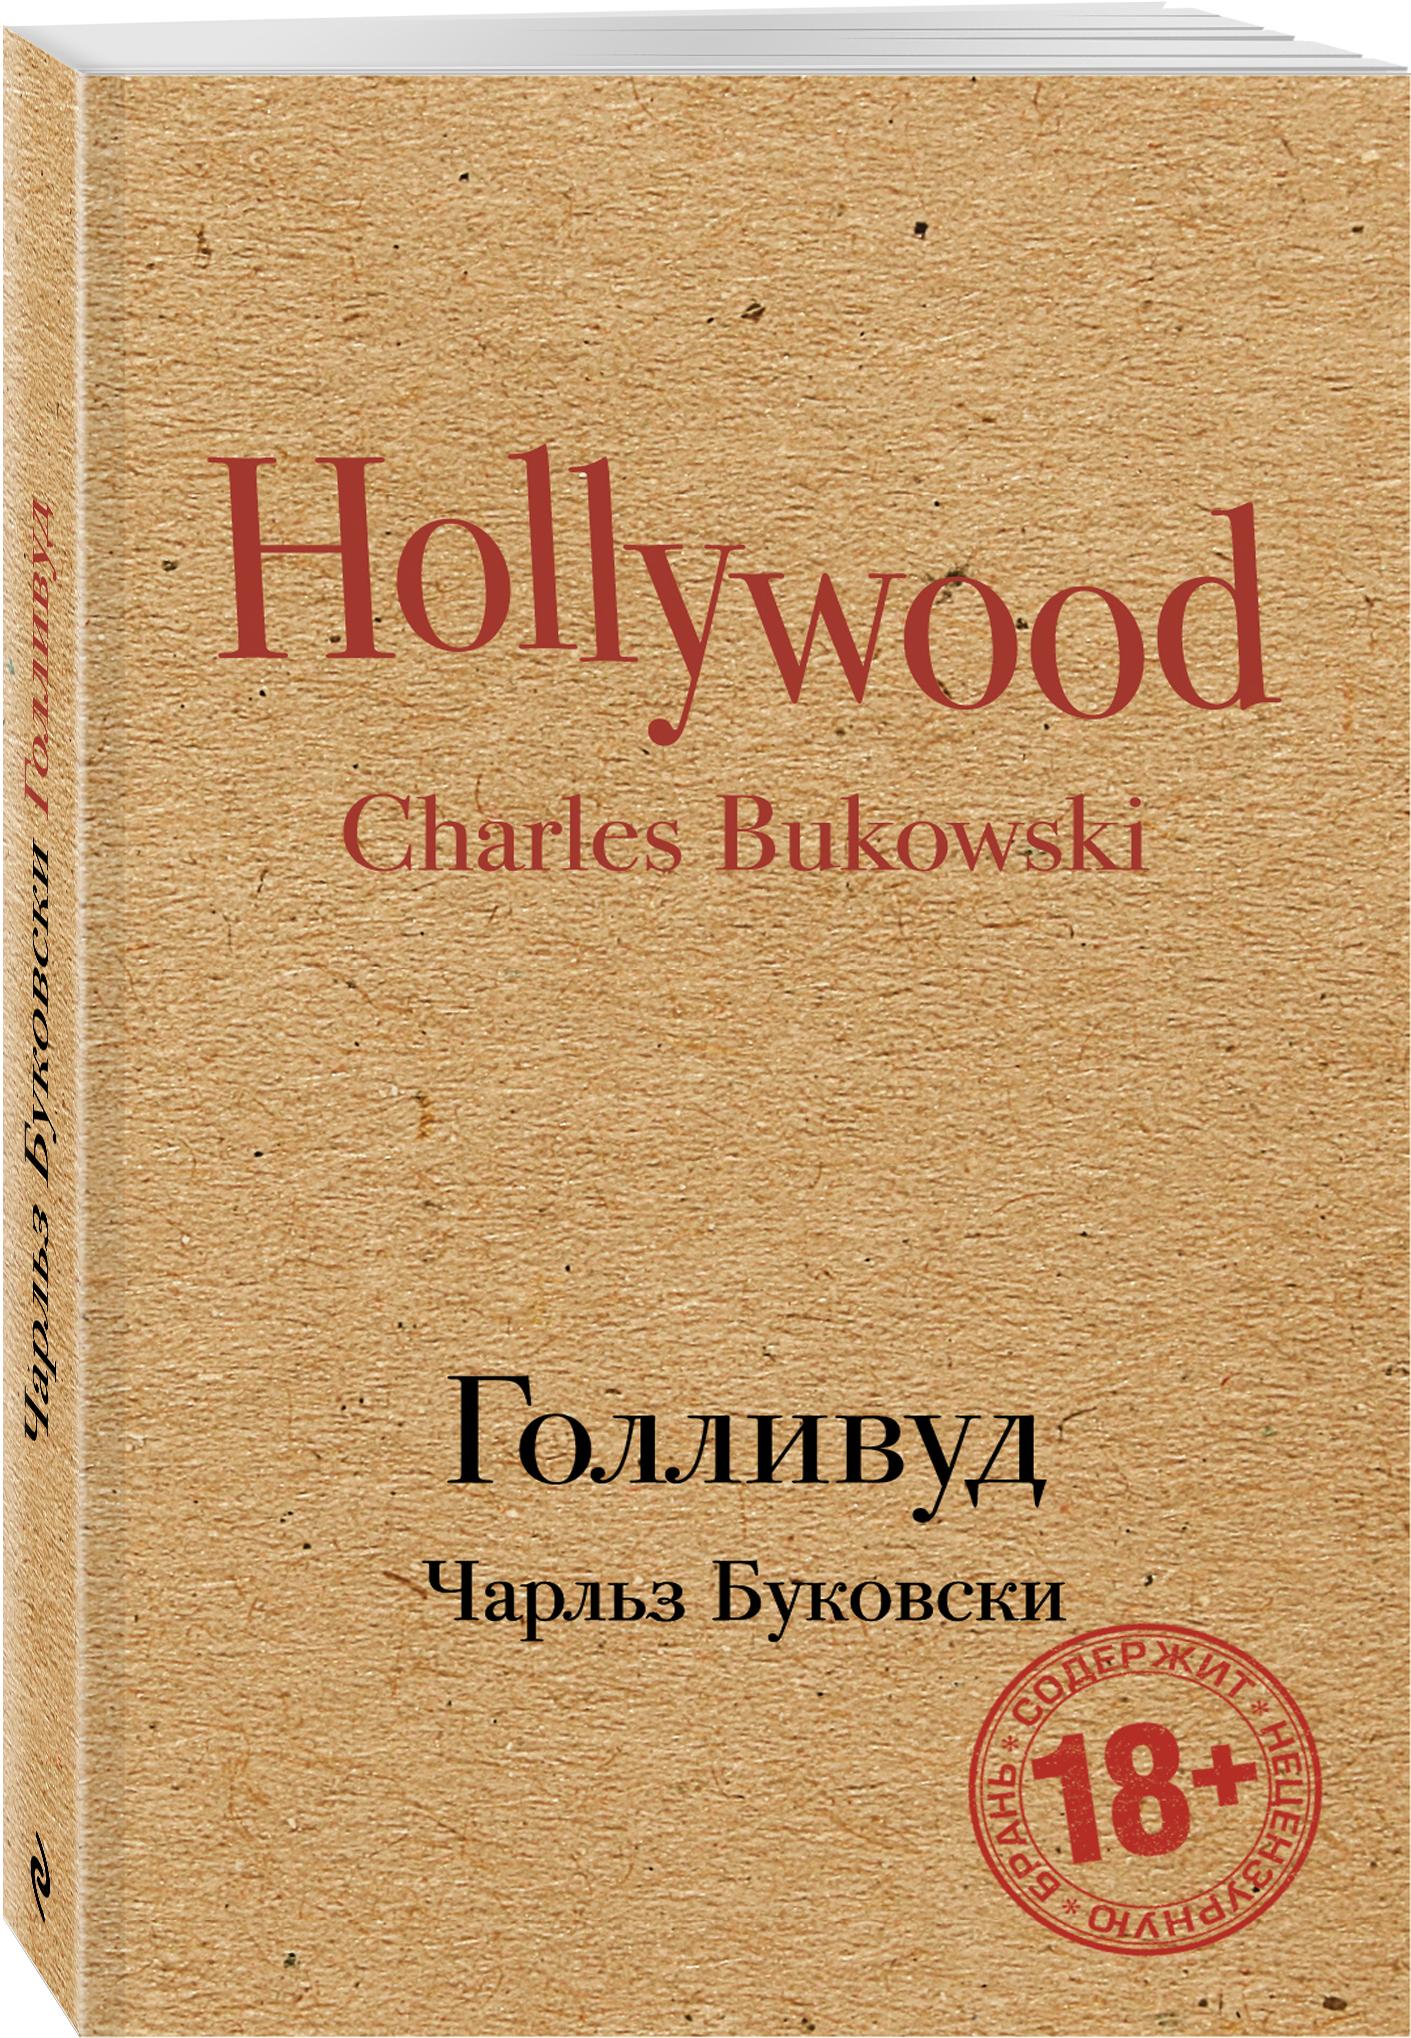 Буковски Ч. Голливуд футболка стрэйч printio чарльз буковски charles bukowski